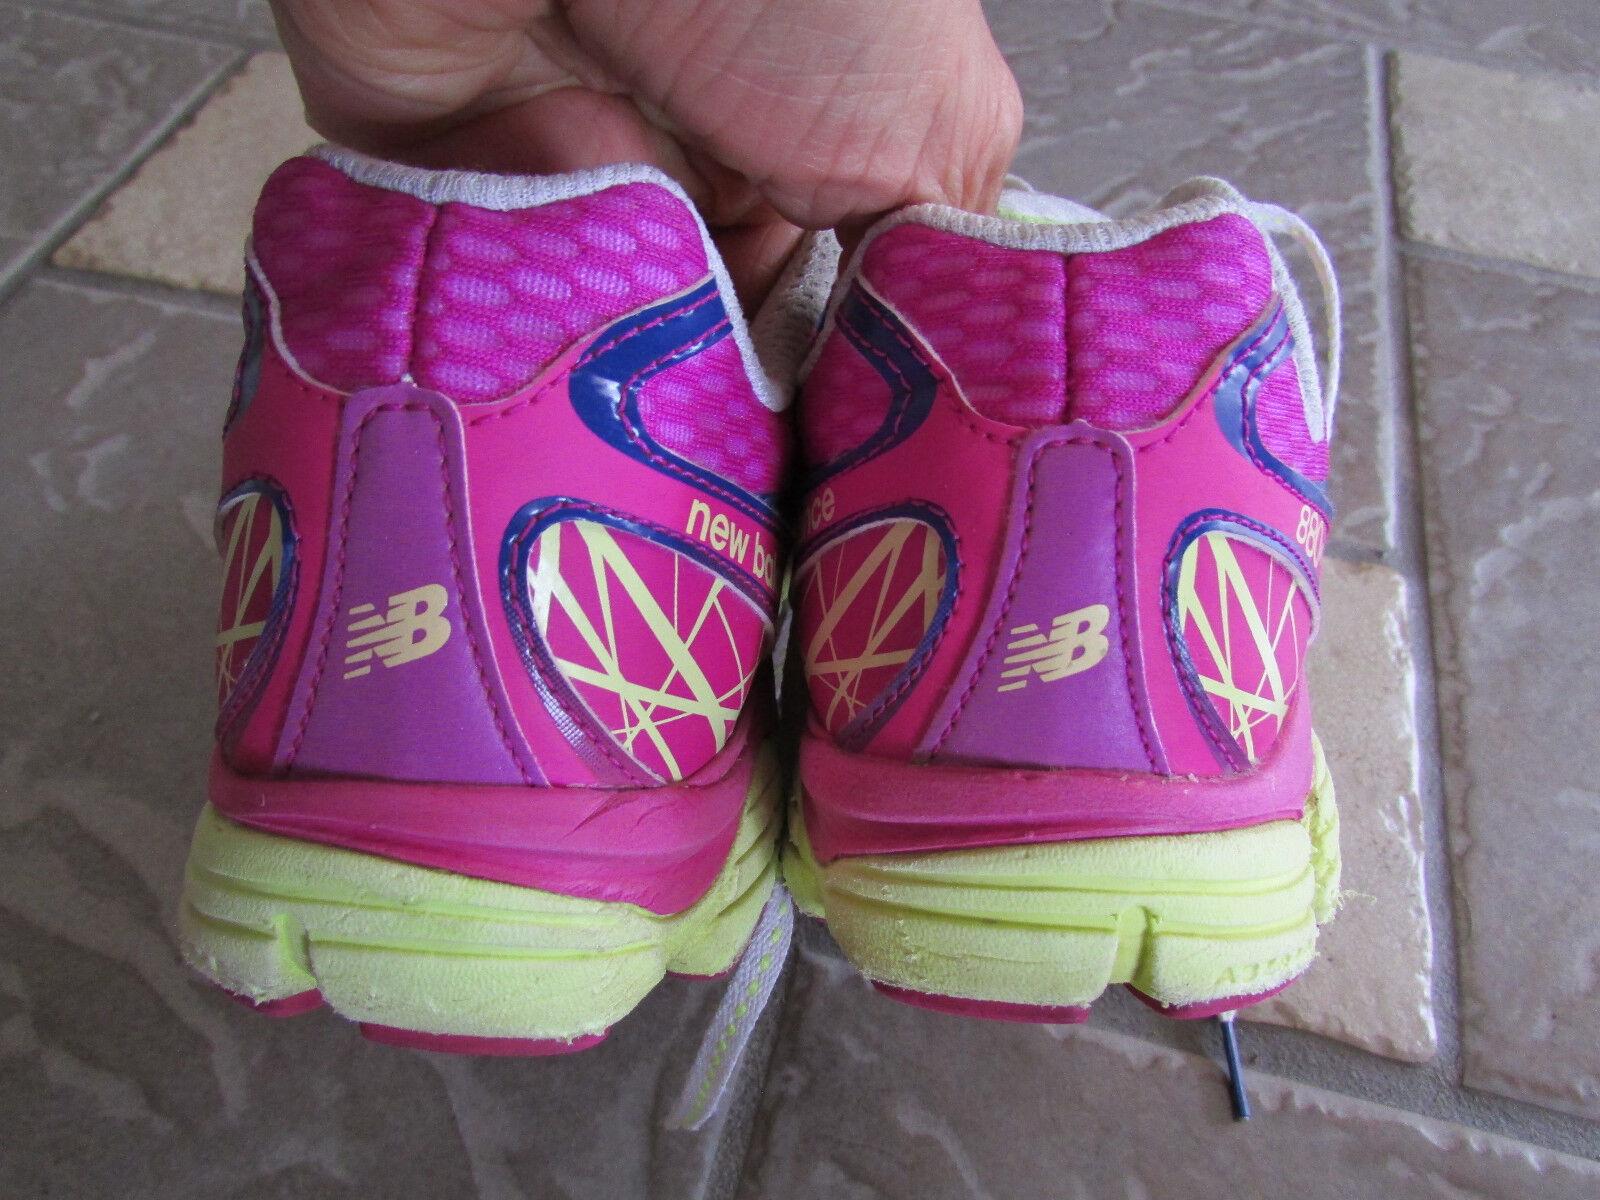 buy online 38889 3d271 ... NIKE FREE RUN RUN RUN 2 RUNNING SHOES WOMENS 7.5 STYLE  443816 2011 FREE  SHIP ...